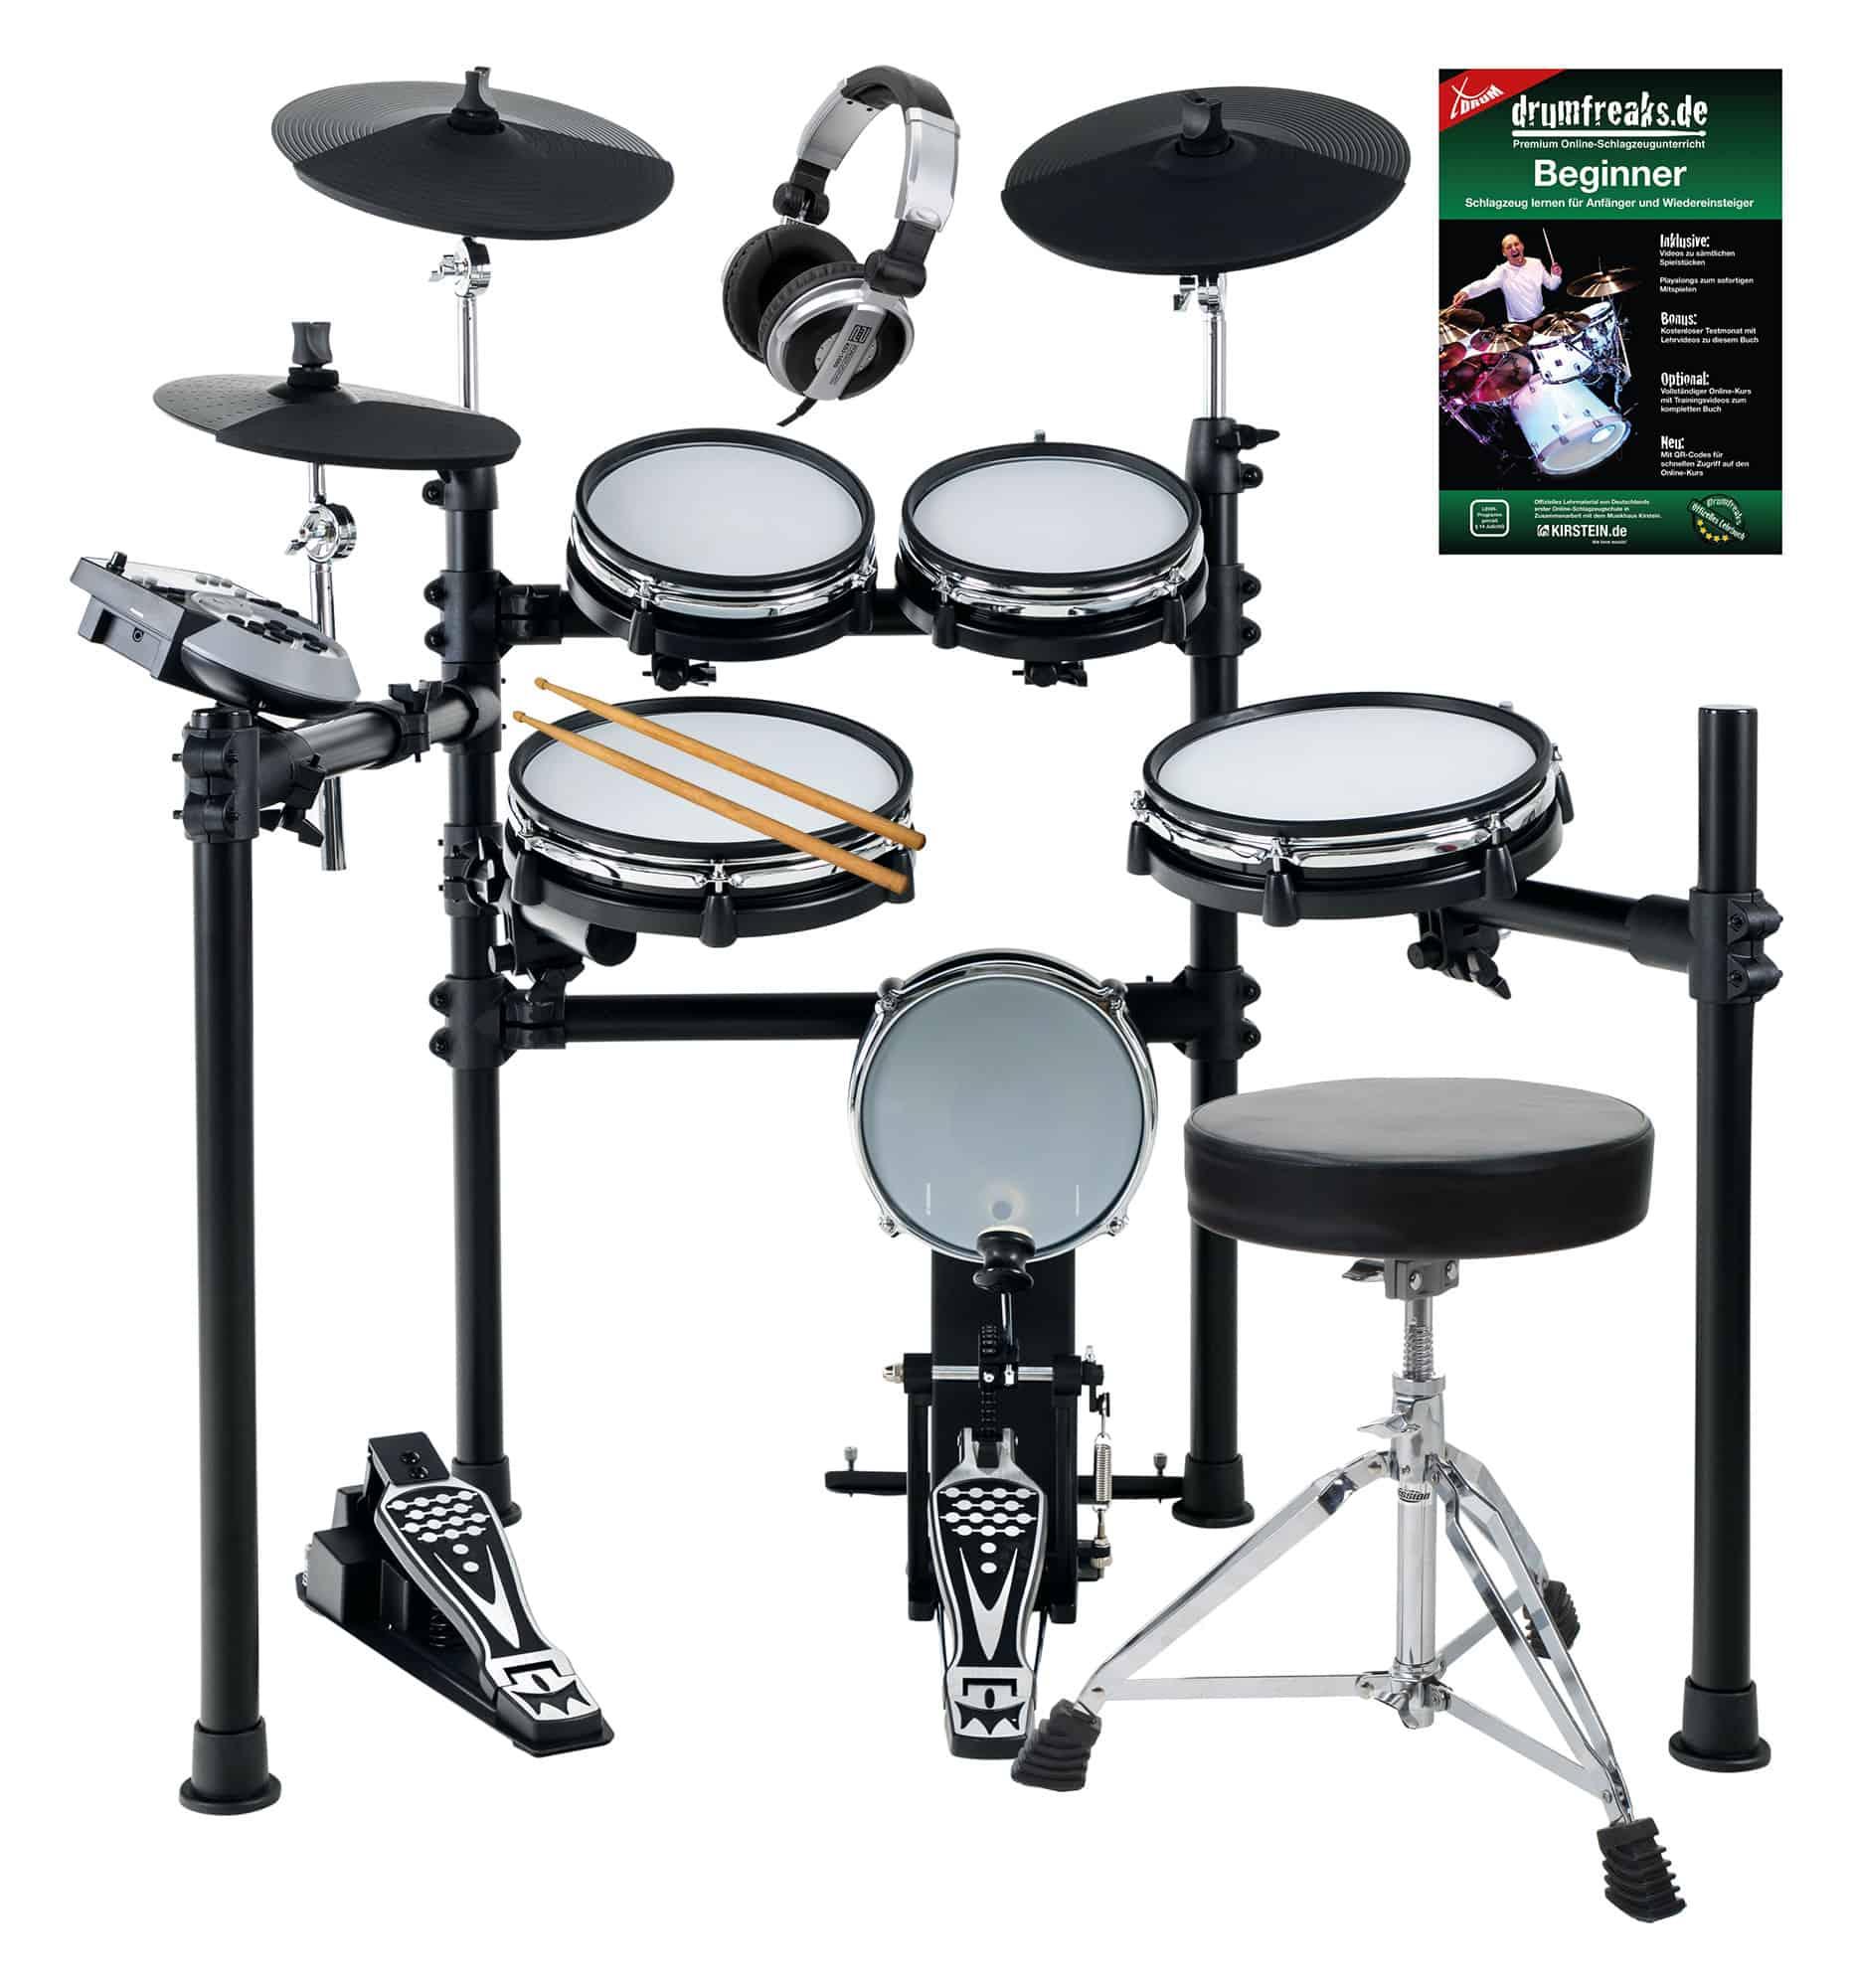 XDrum DD 530 Mesh Heads E Drum SET mit Hocker und Kopfhörer